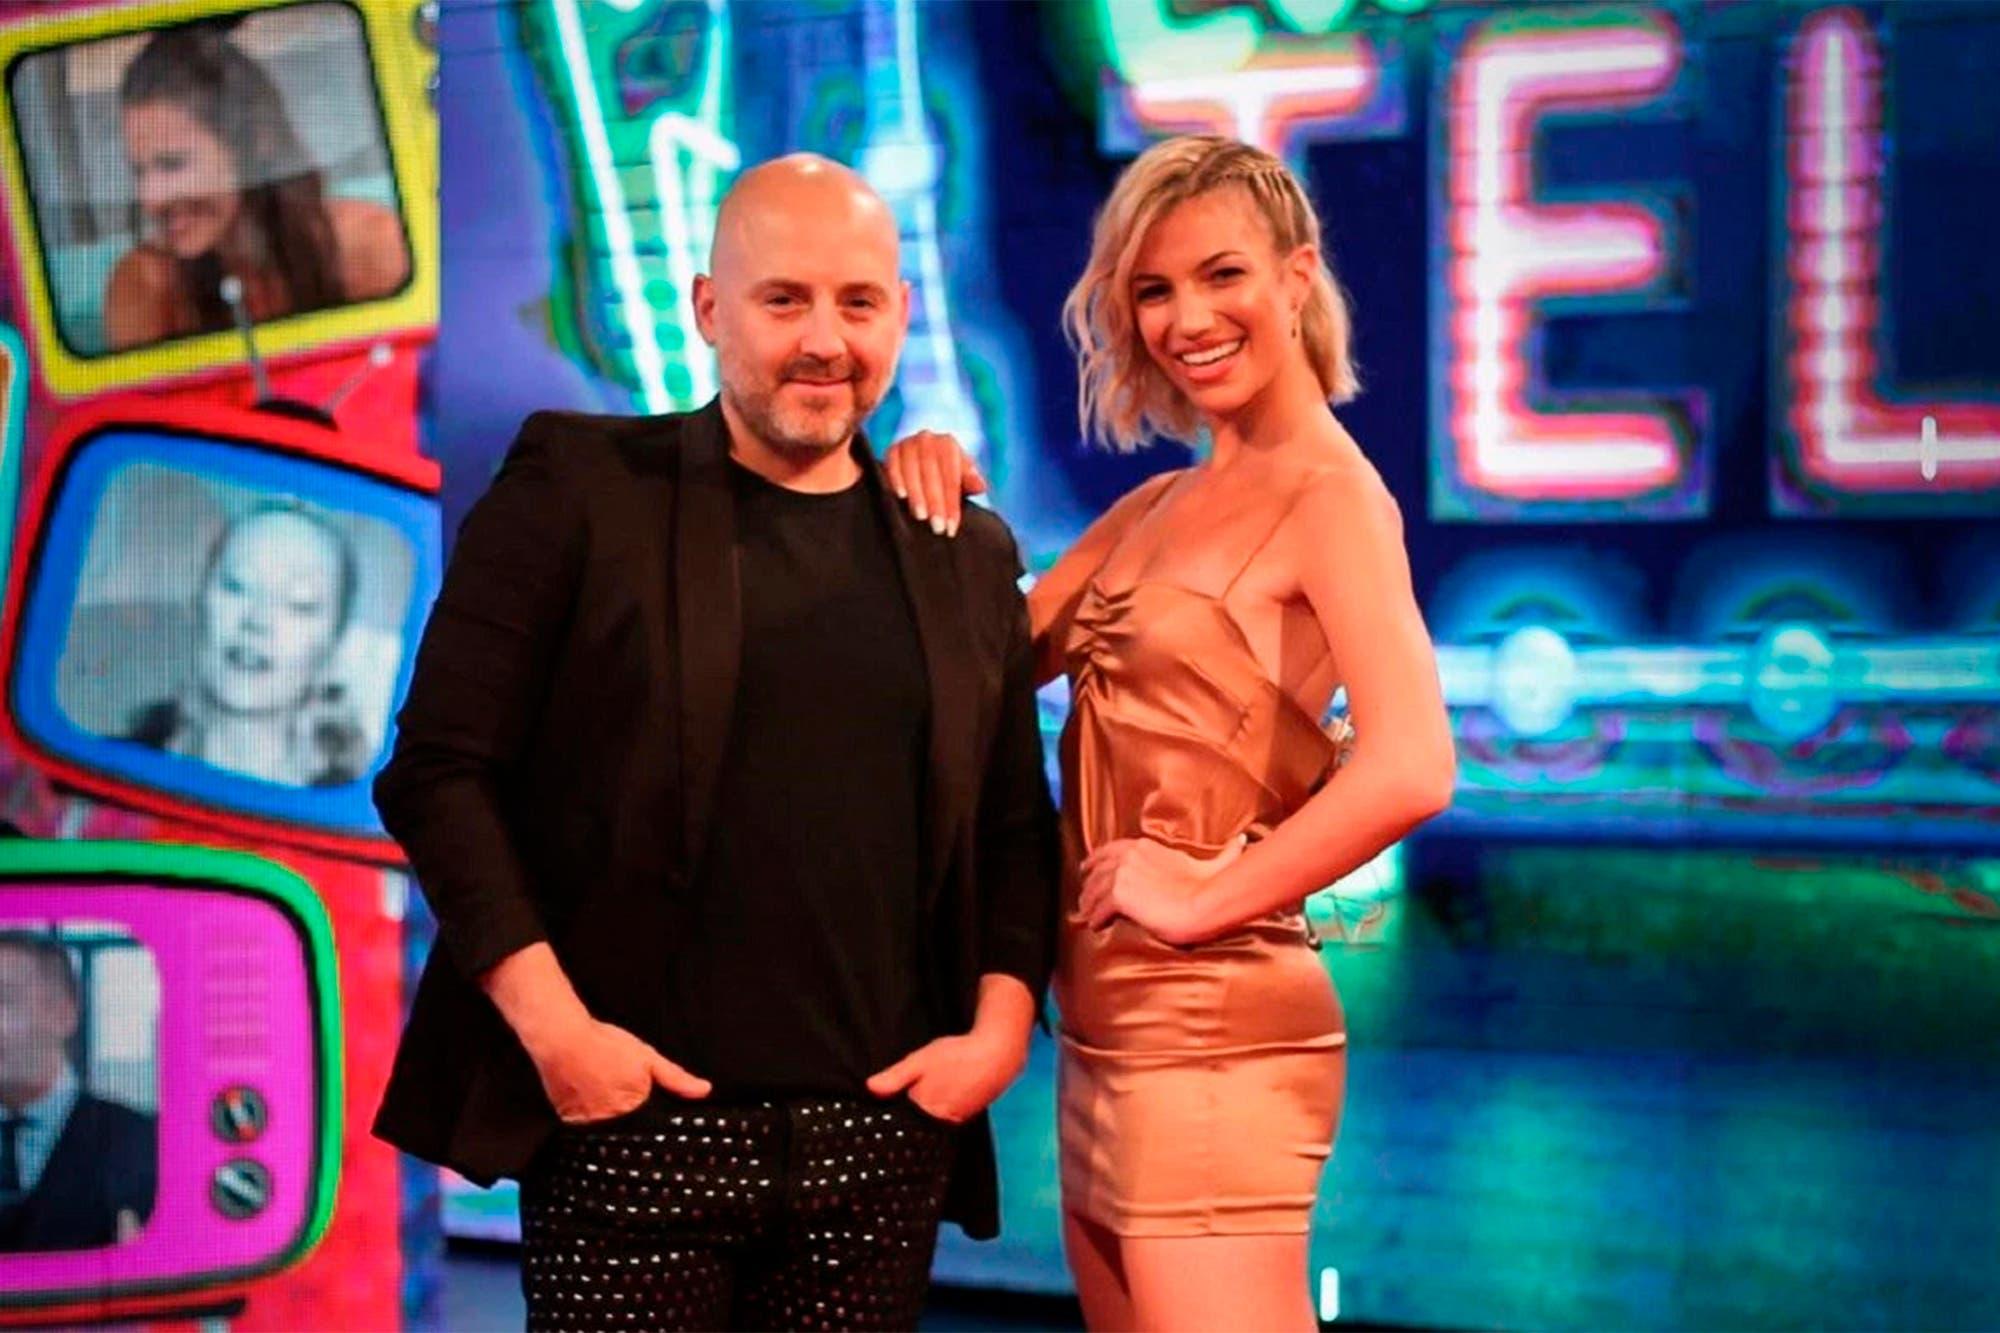 Editando tele: el nuevo programa de José María Muscari apuesta a la ironía y el sarcasmo